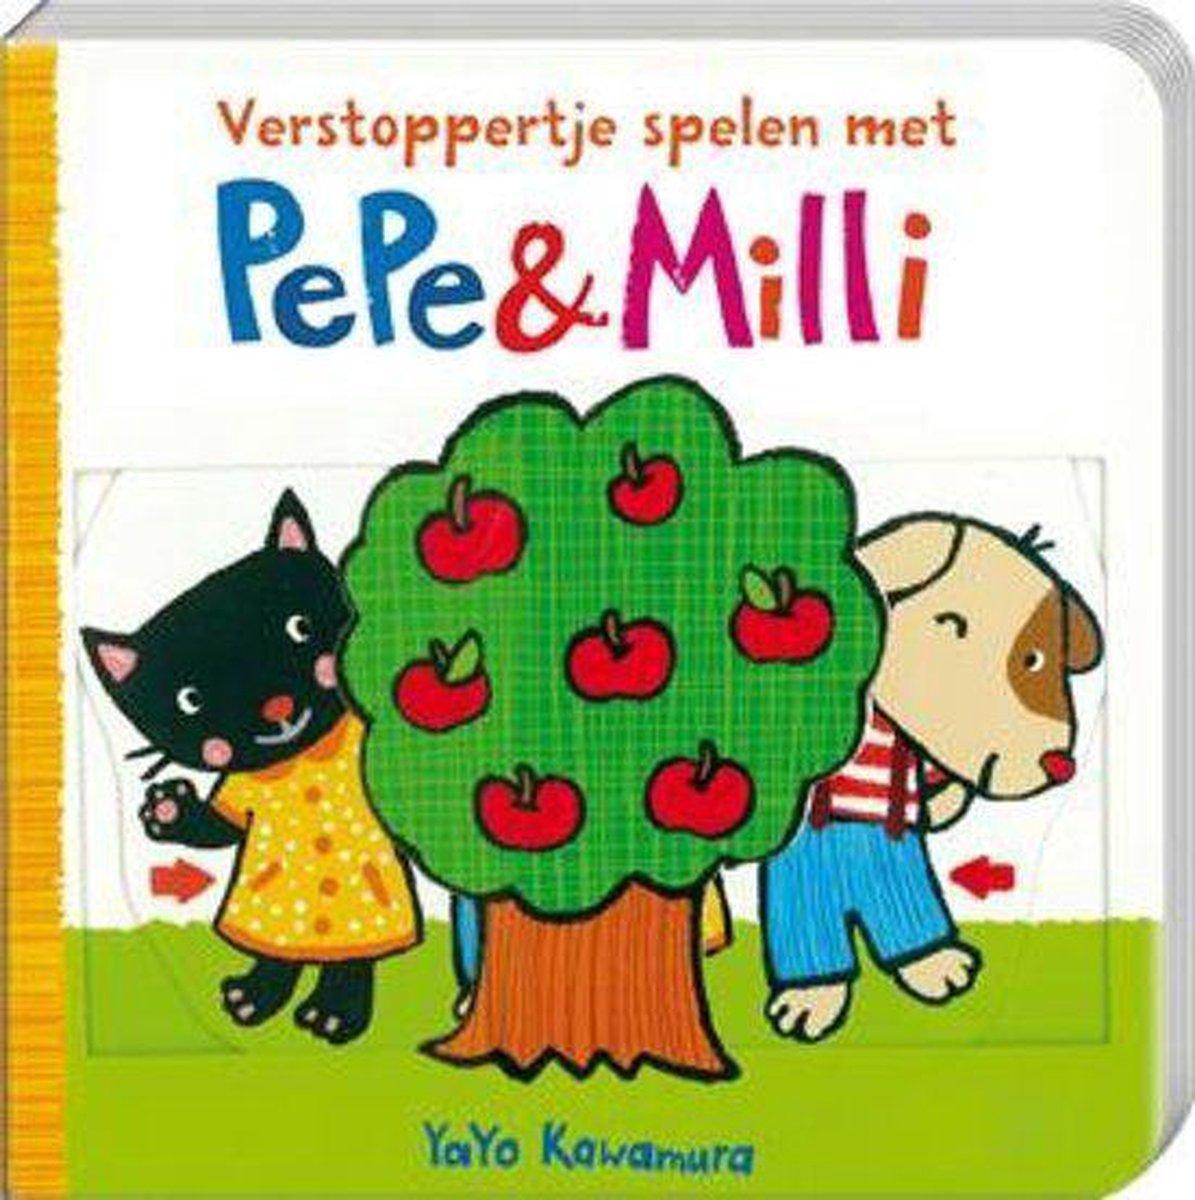 Verstoppertje spelen met Pepe & Milli - Kinderboek